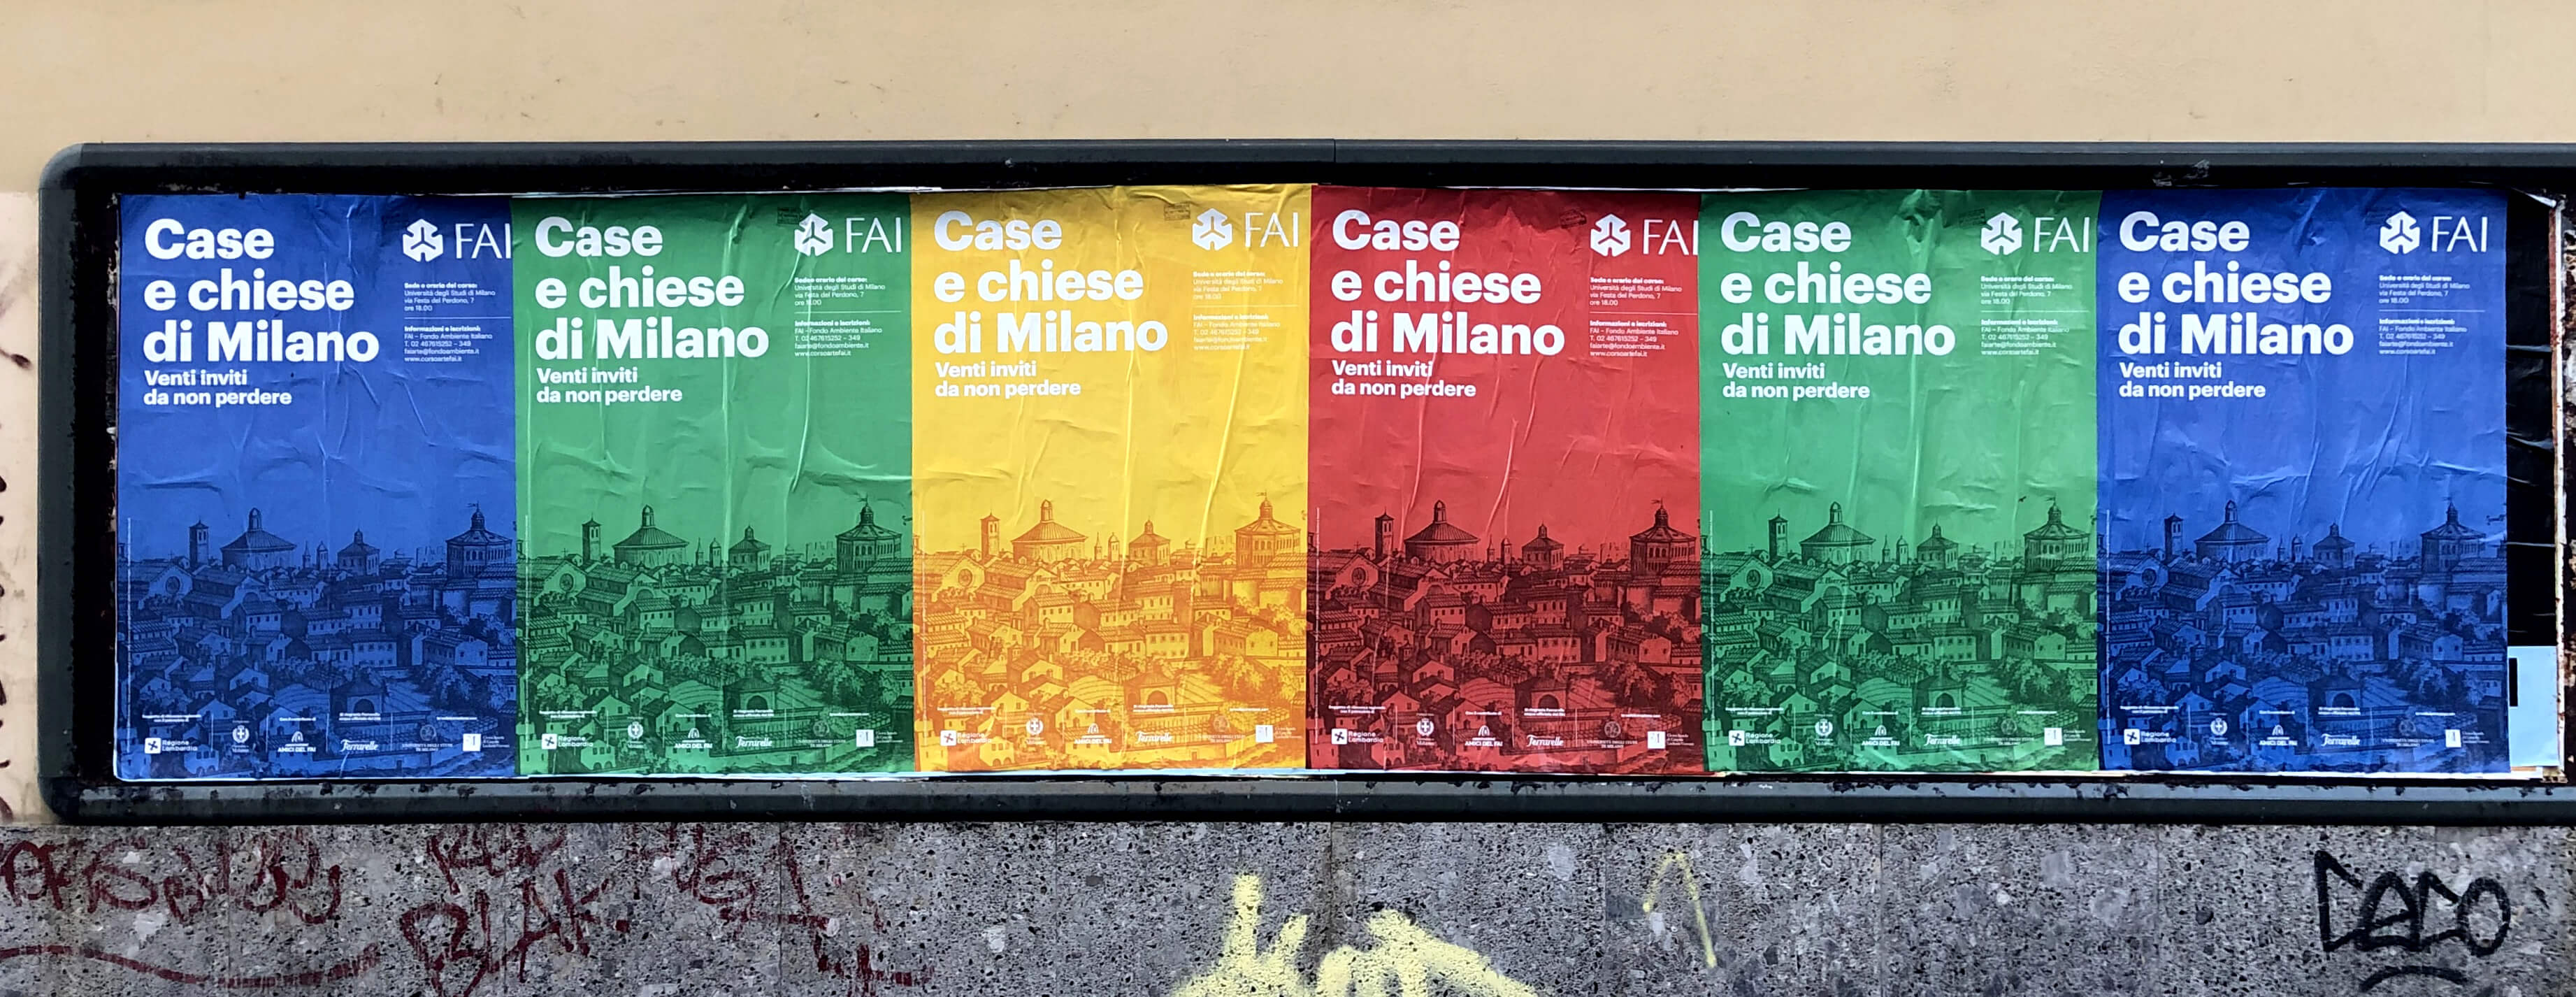 manifesti case e chiese di Milano